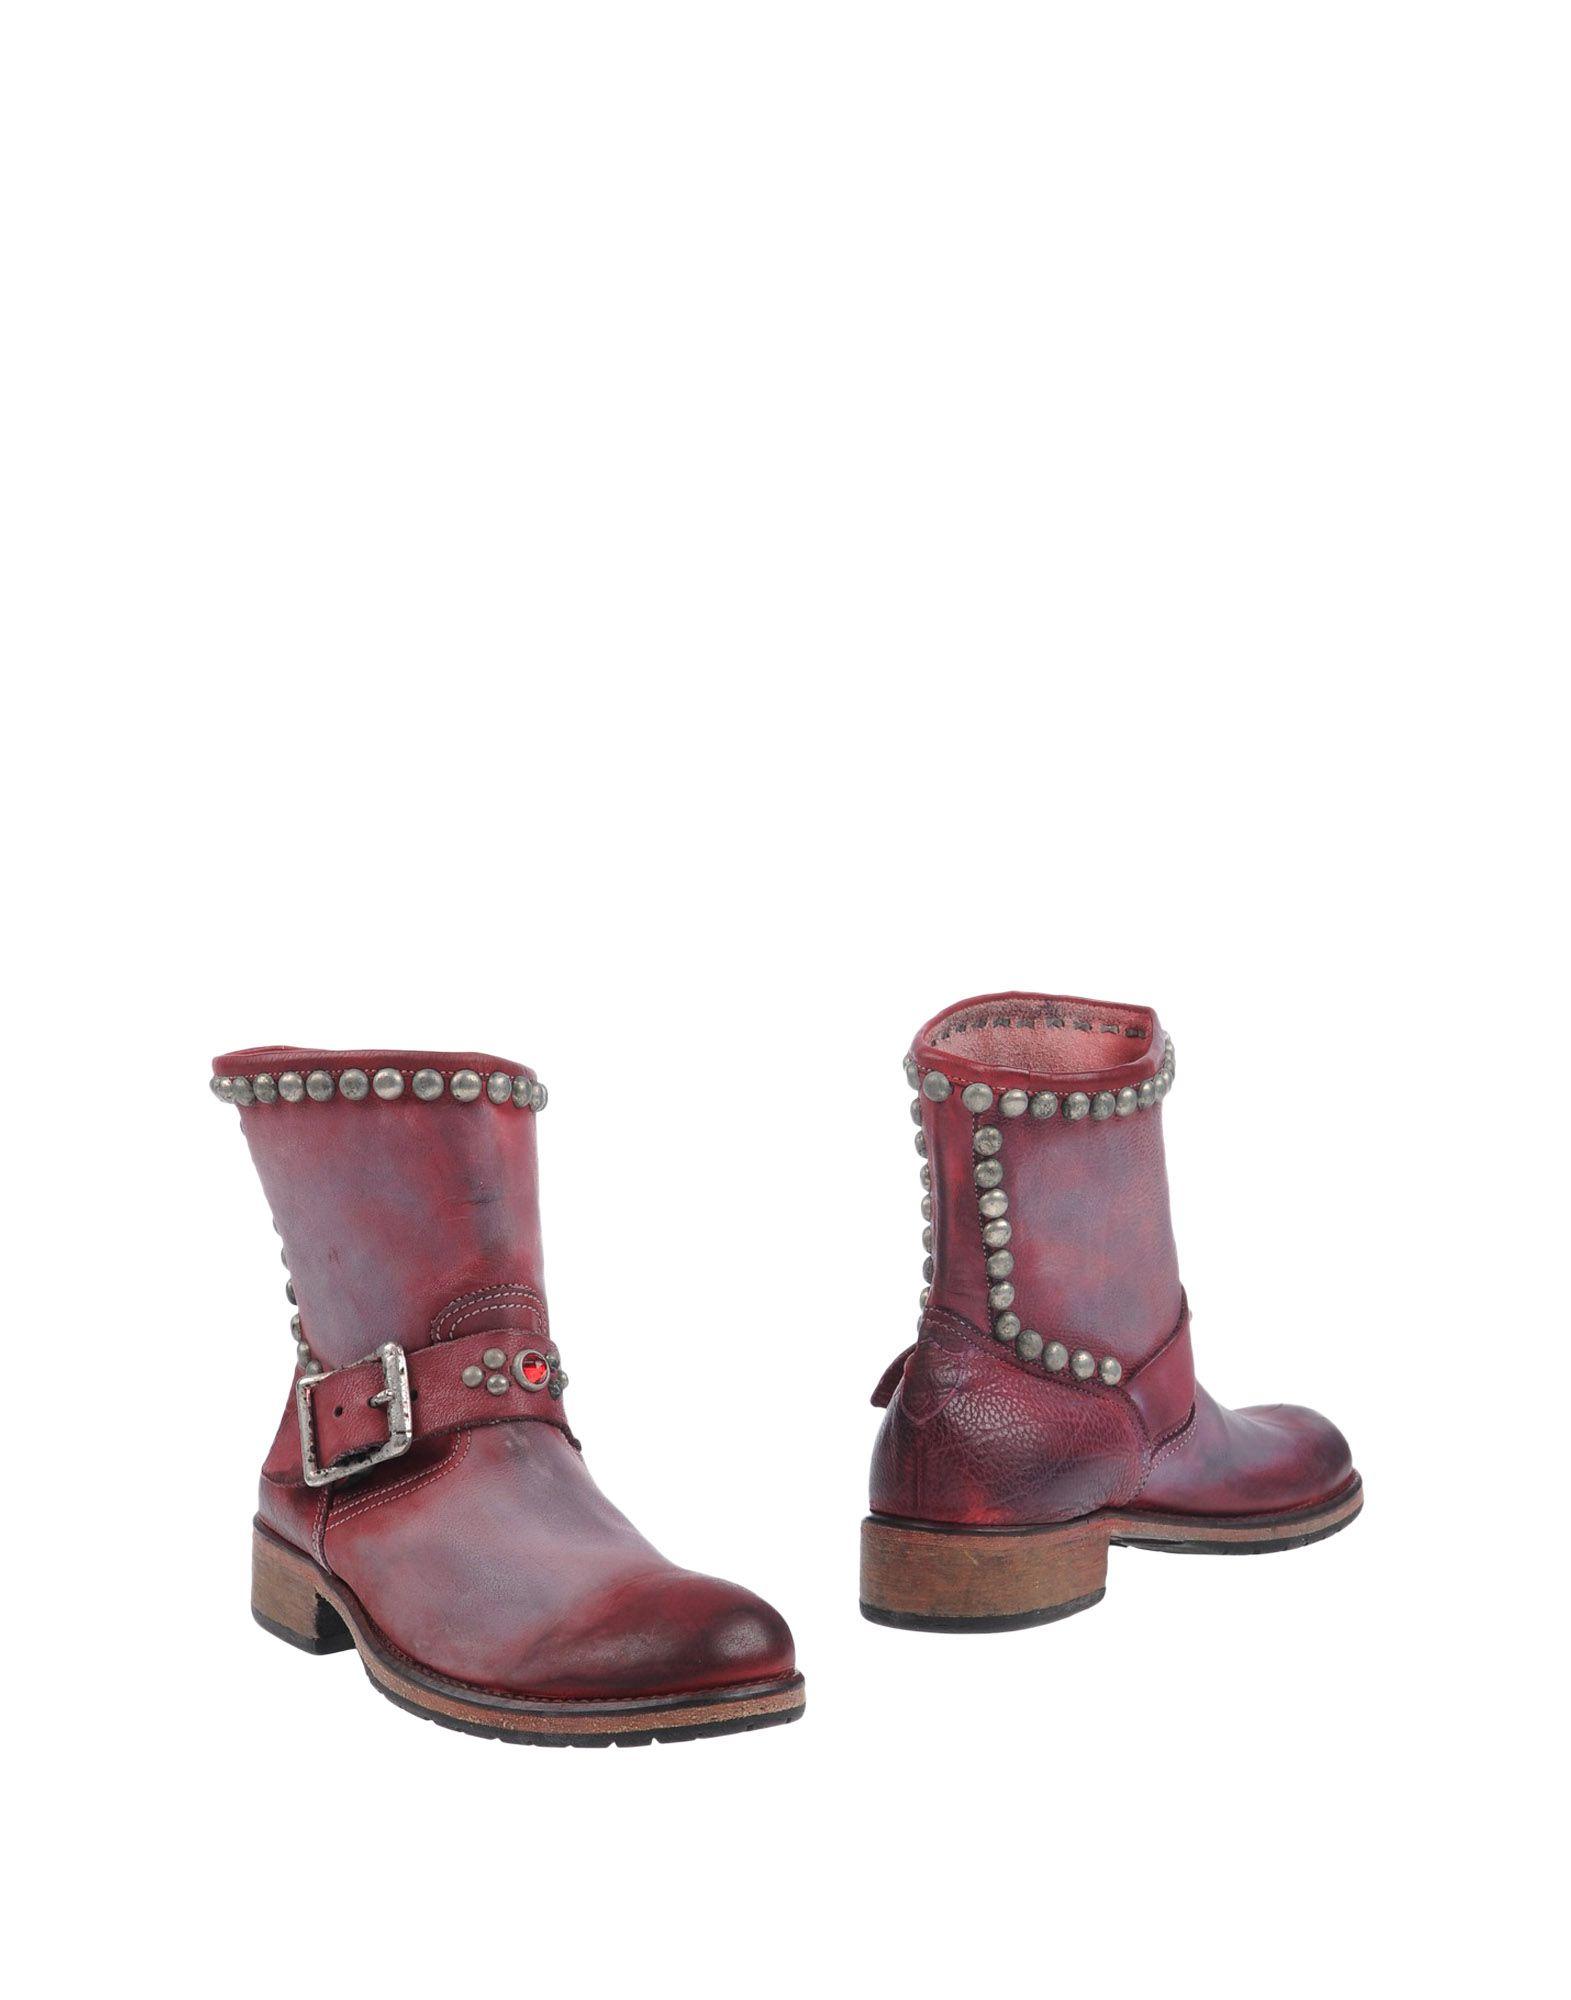 Htc Stiefelette Damen  11152657RDGut Schuhe aussehende strapazierfähige Schuhe 11152657RDGut 6134ab